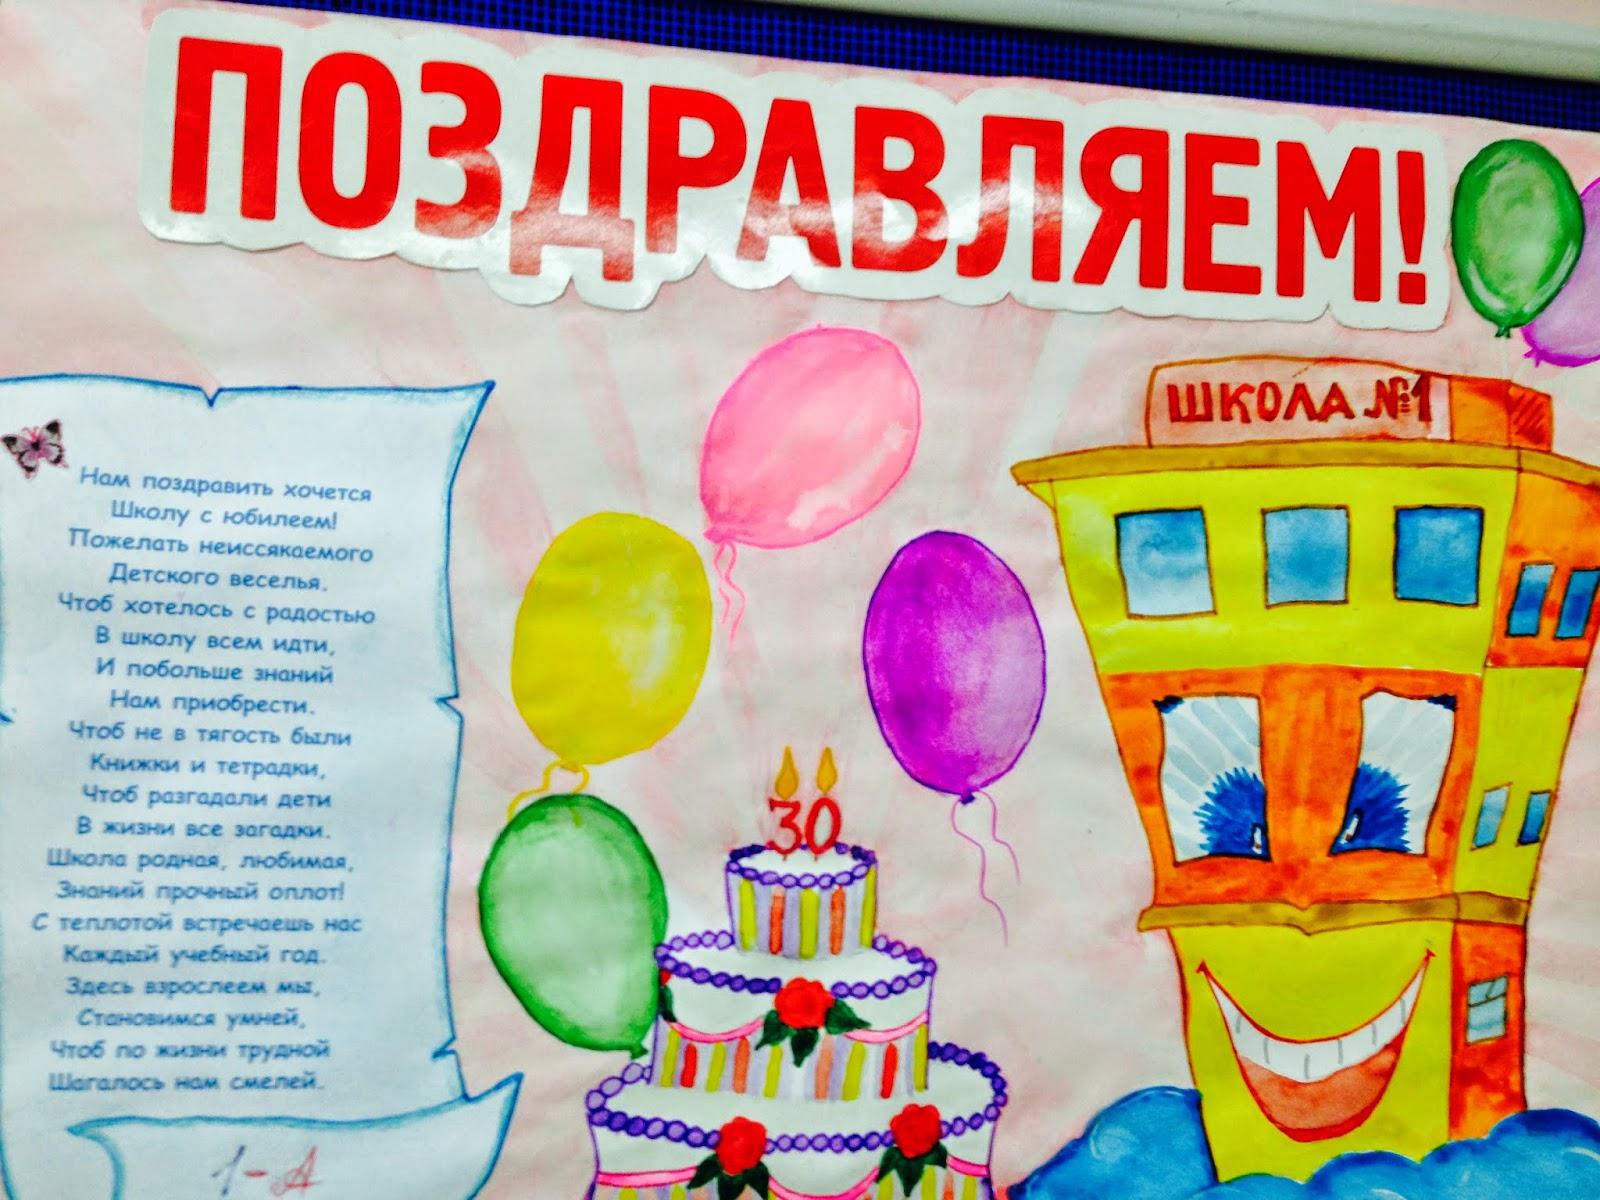 Поздравления школе в юбилей 55 лет